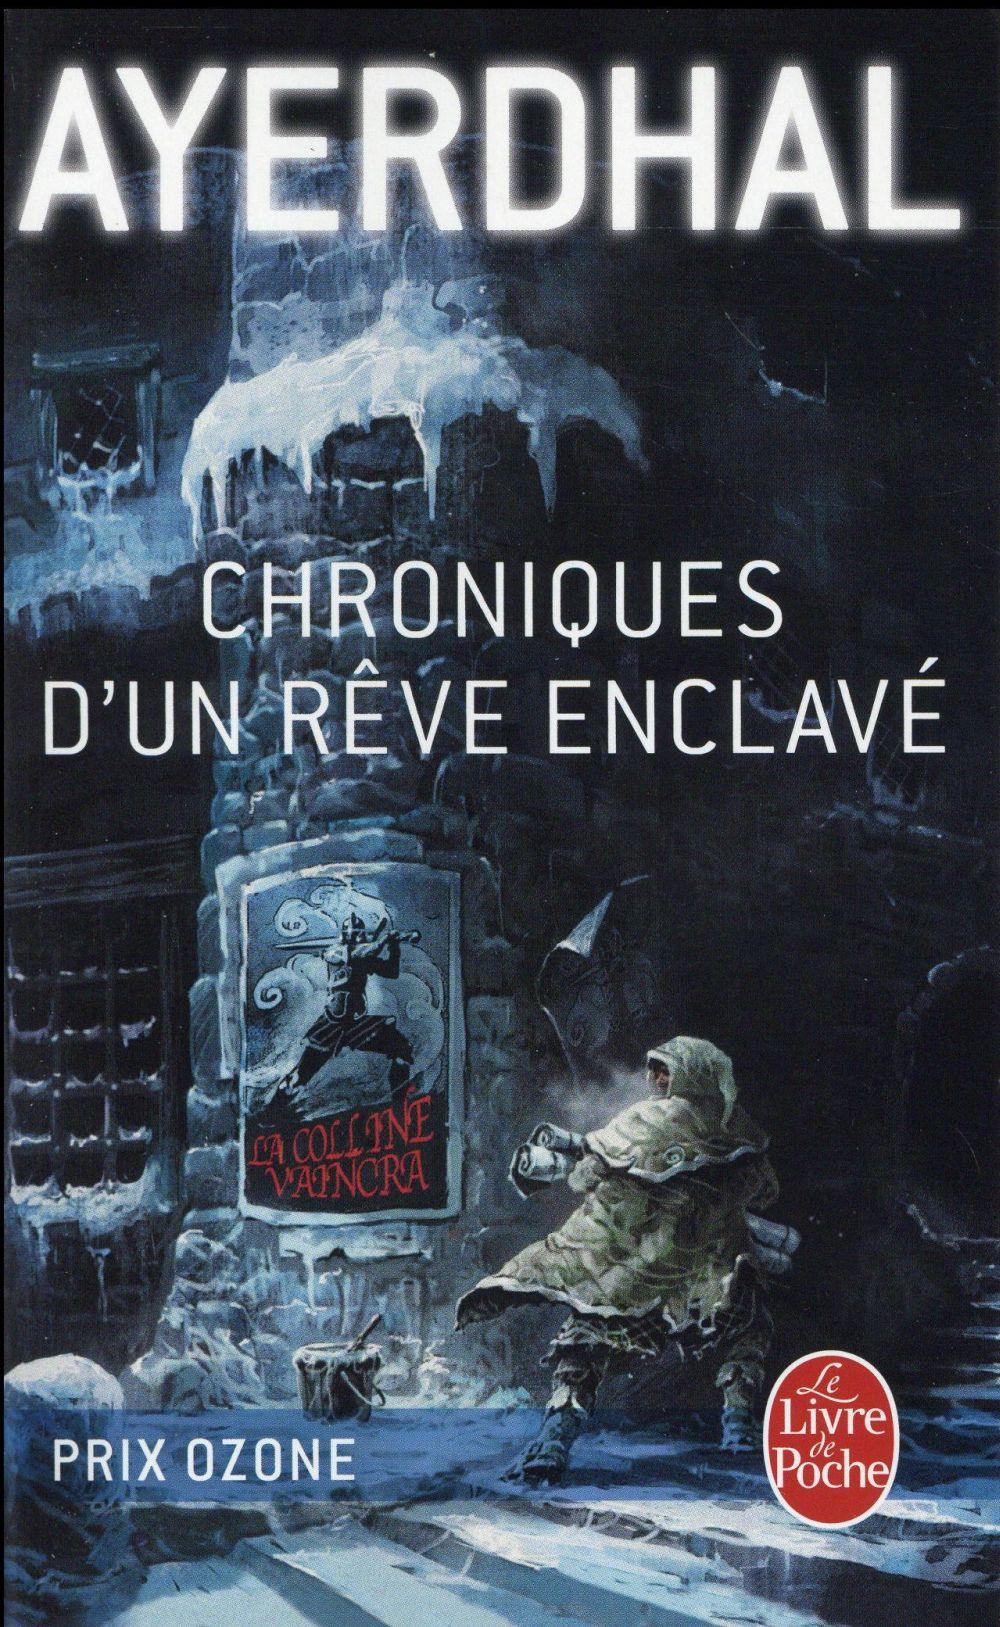 CHRONIQUES D'UN REVE ENCLAVE AYERDHAL Le Livre de poche